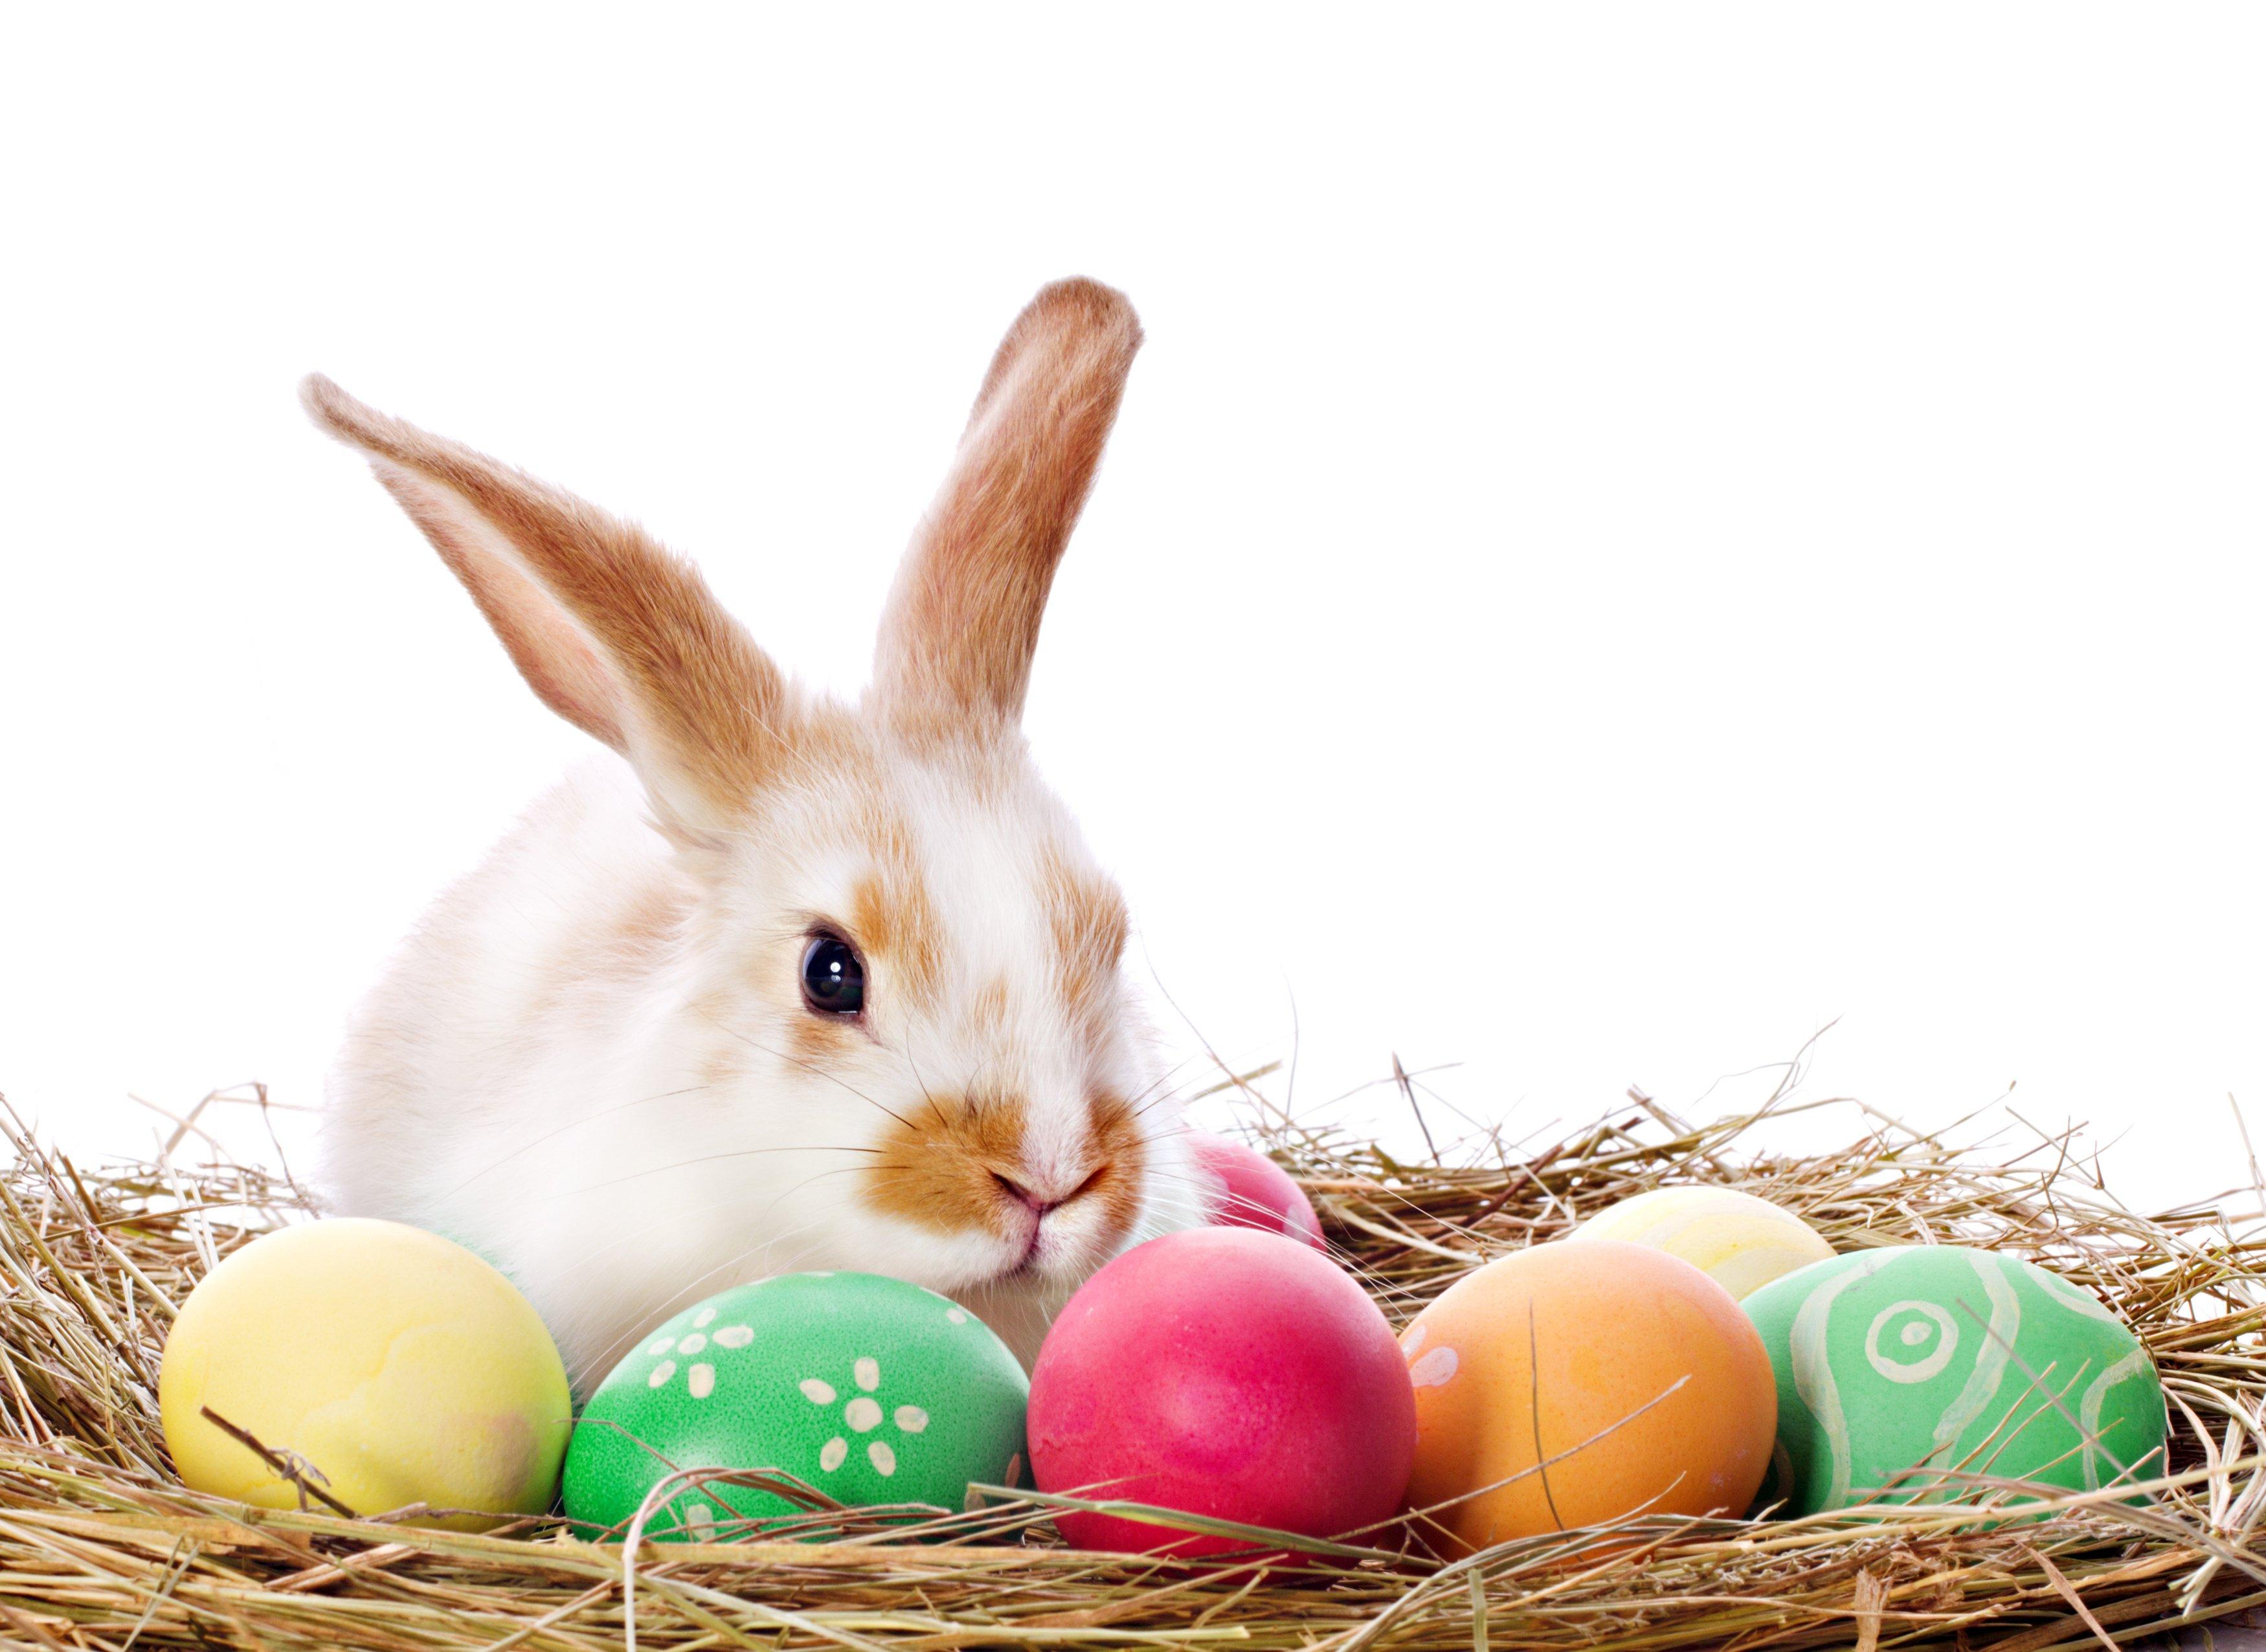 Easter bunny wallpaper wallpapersafari - Easter bunny wallpaper ...